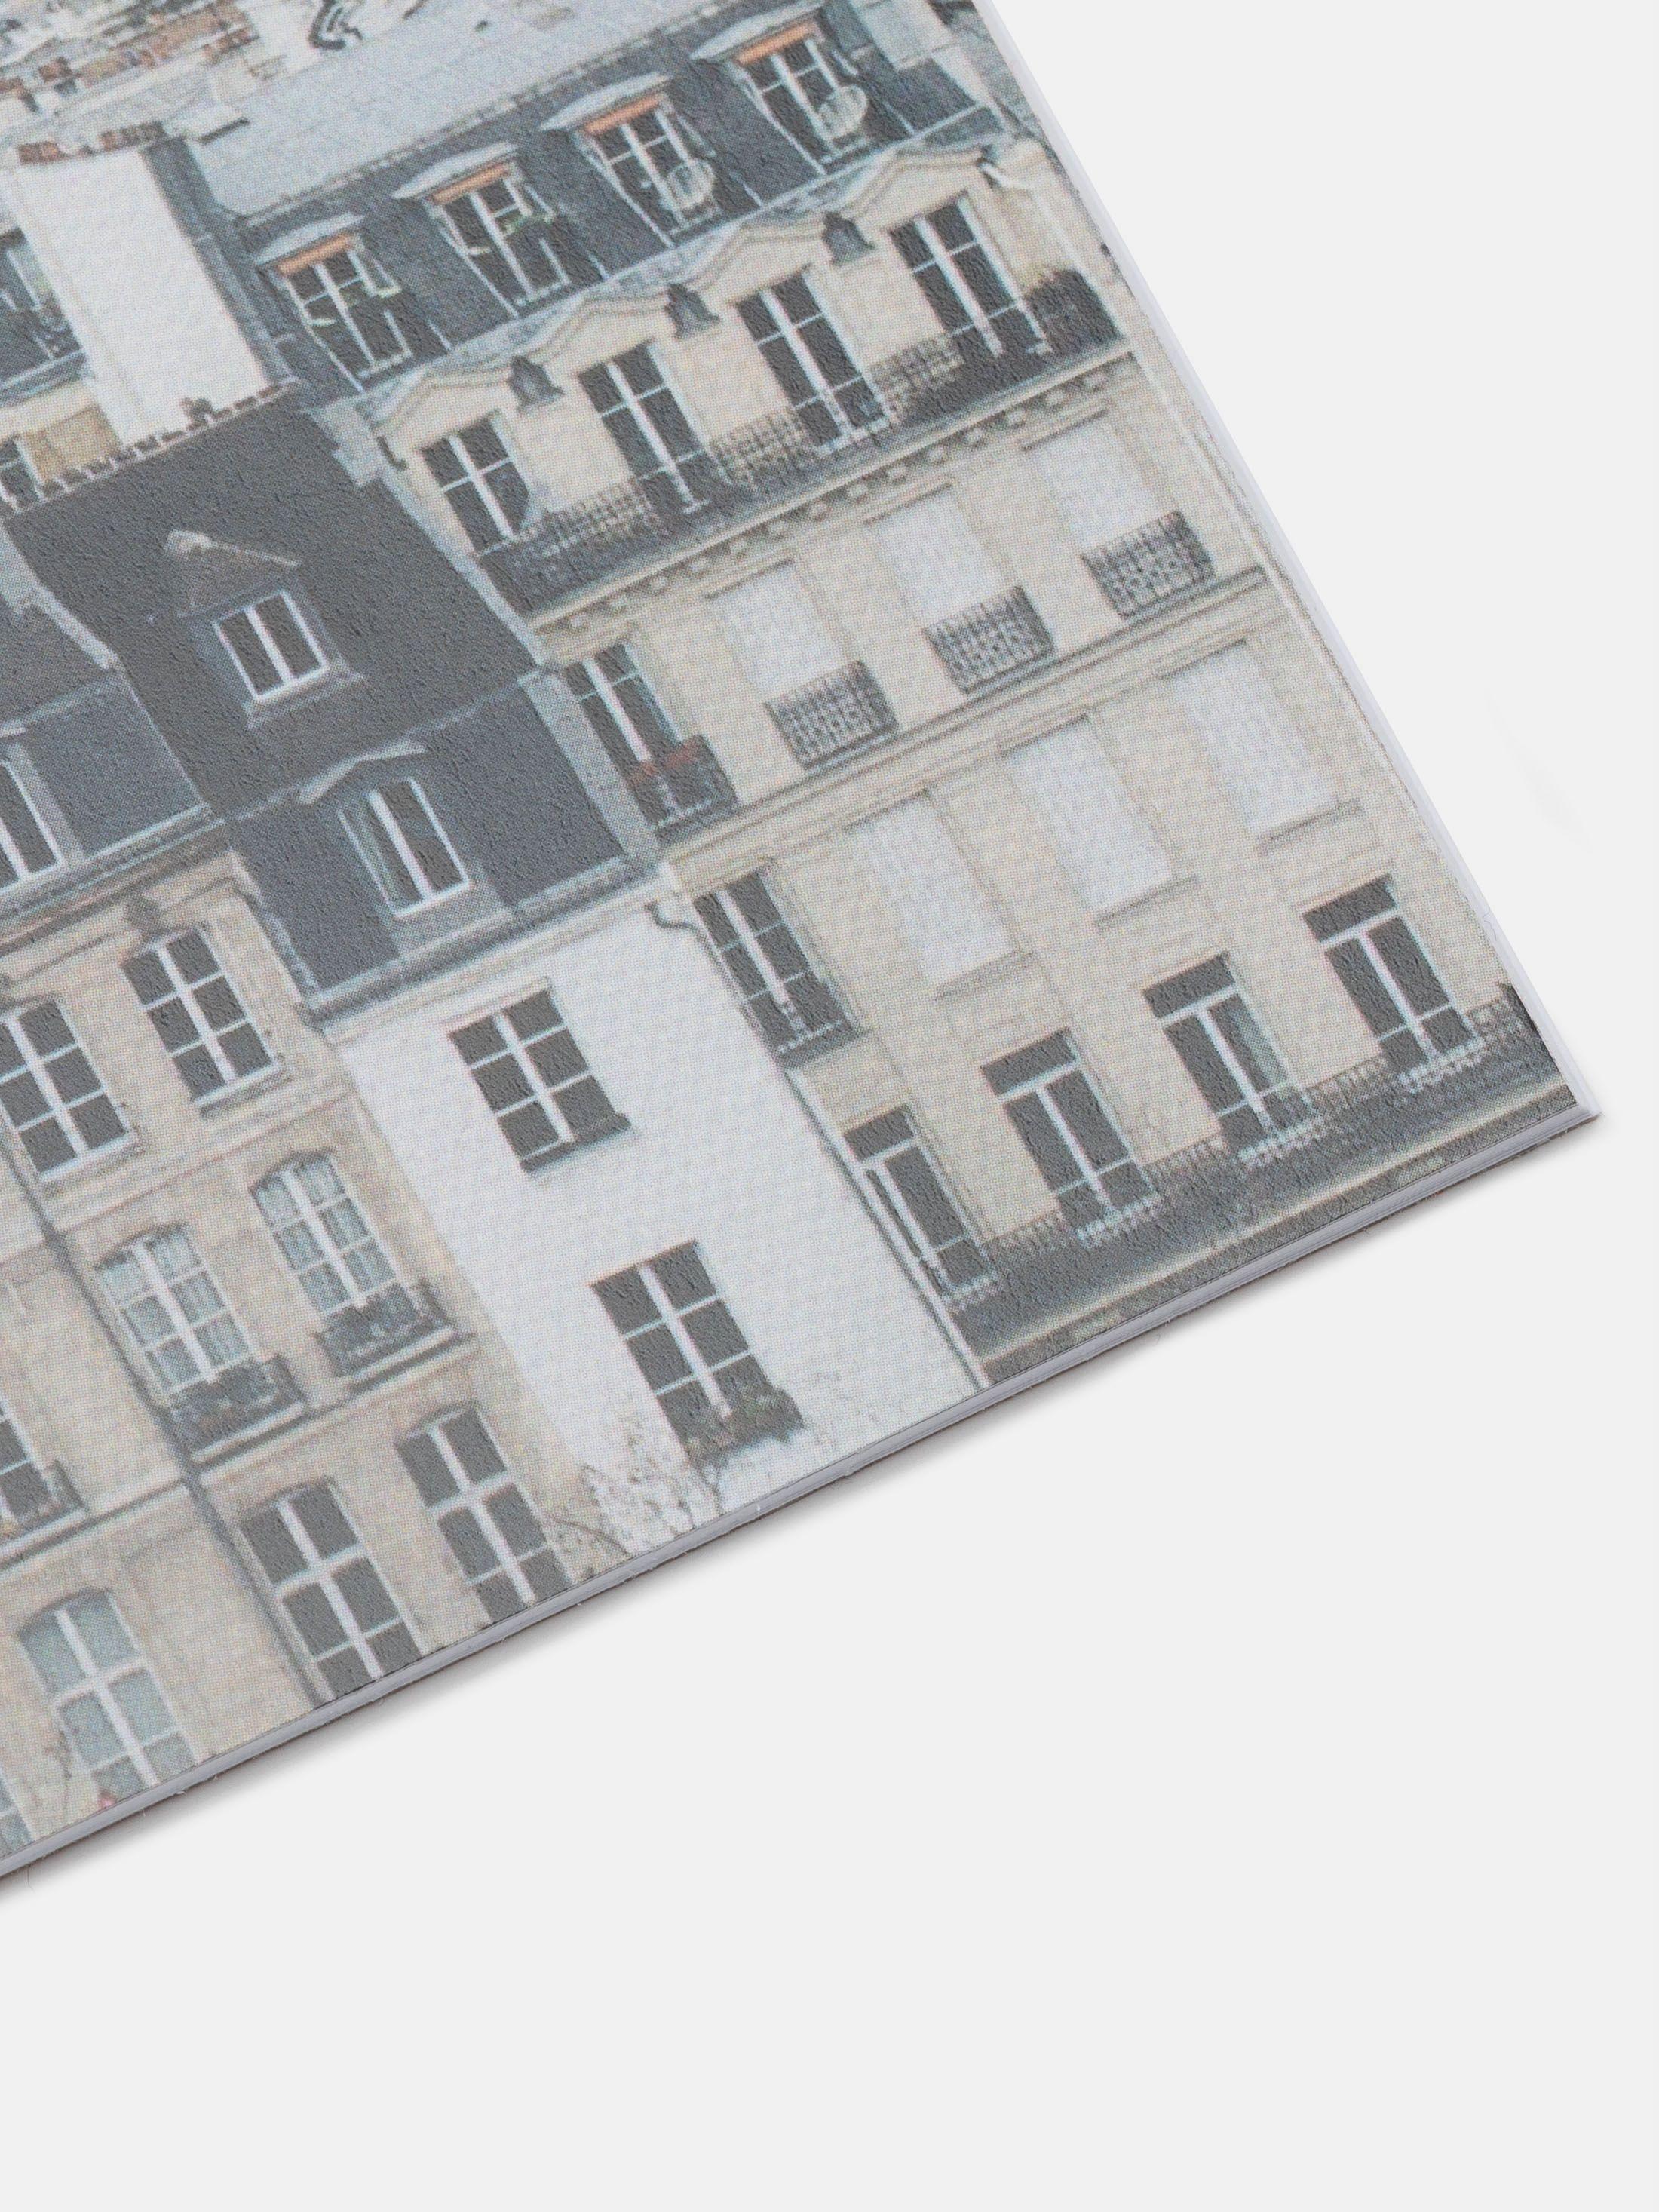 Softcover Fotobuch drucken lassen